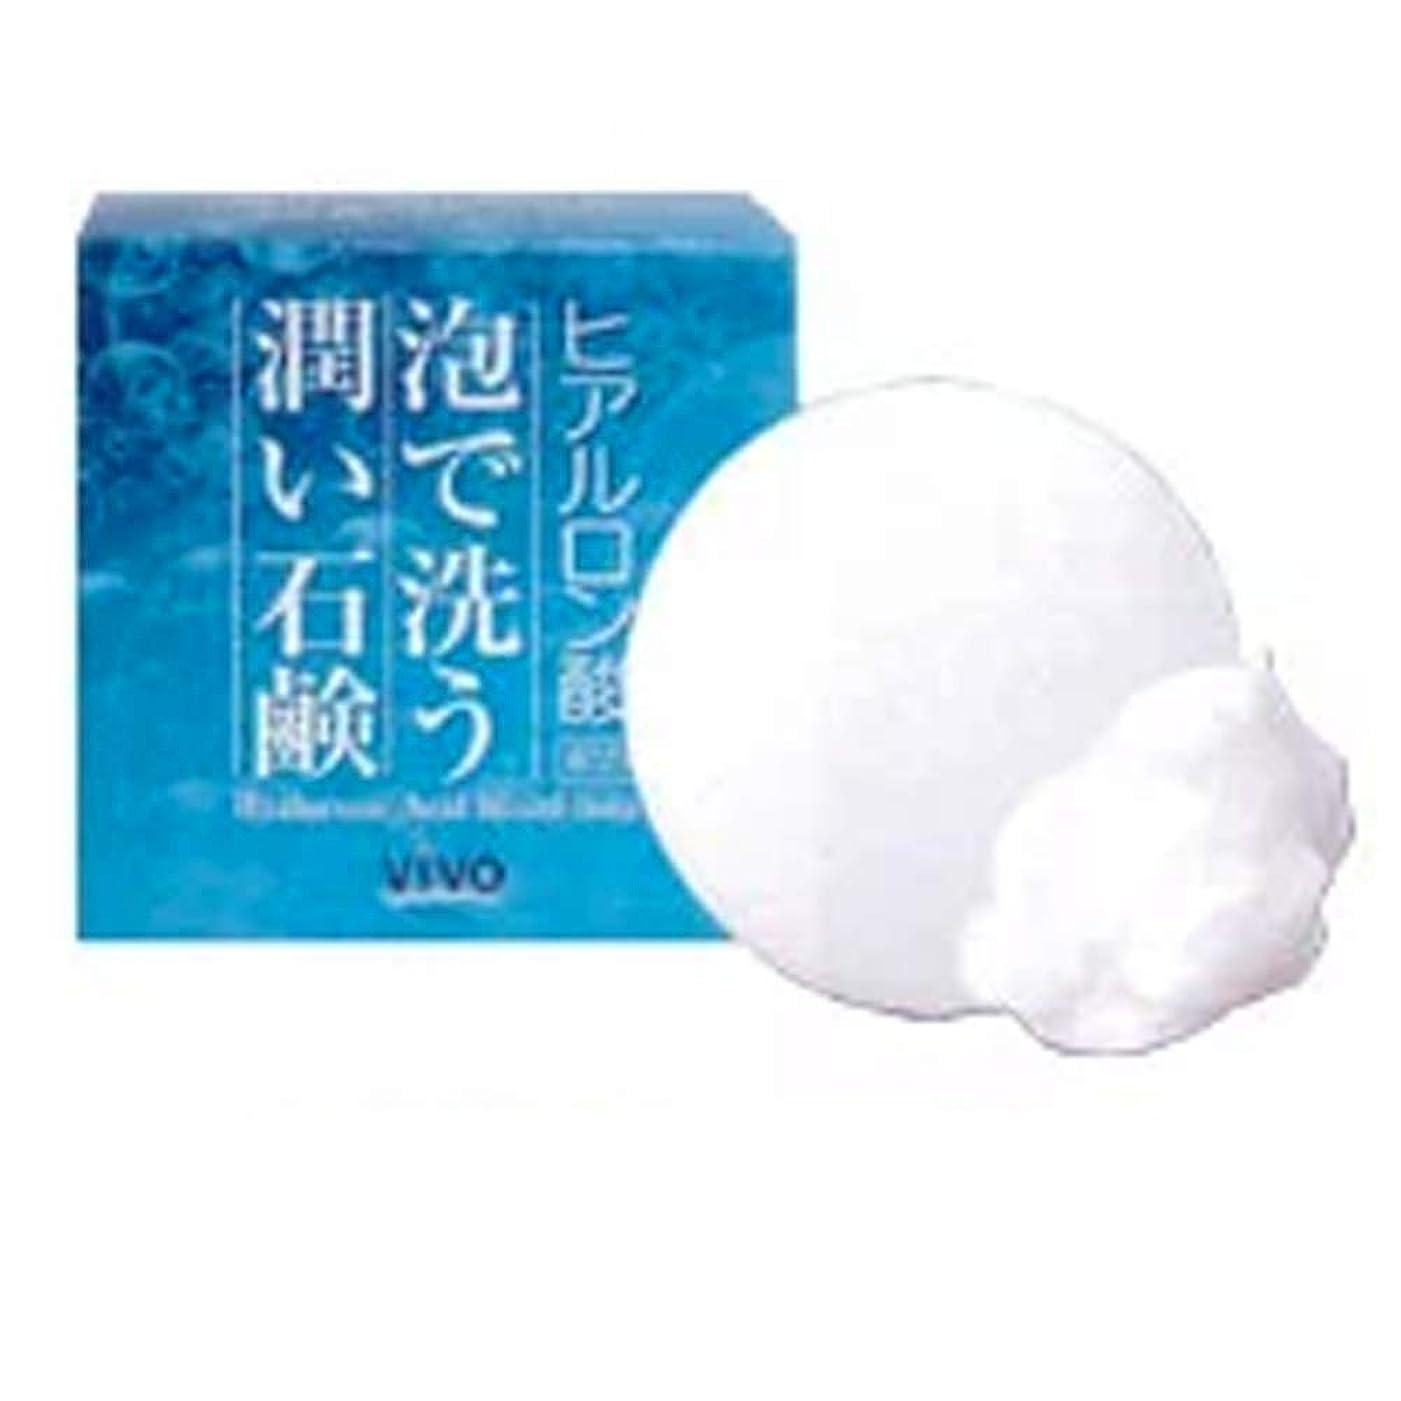 絡み合い悪用クラウドBella Vivo ヒアルロン酸洗顔石鹸 3個セット